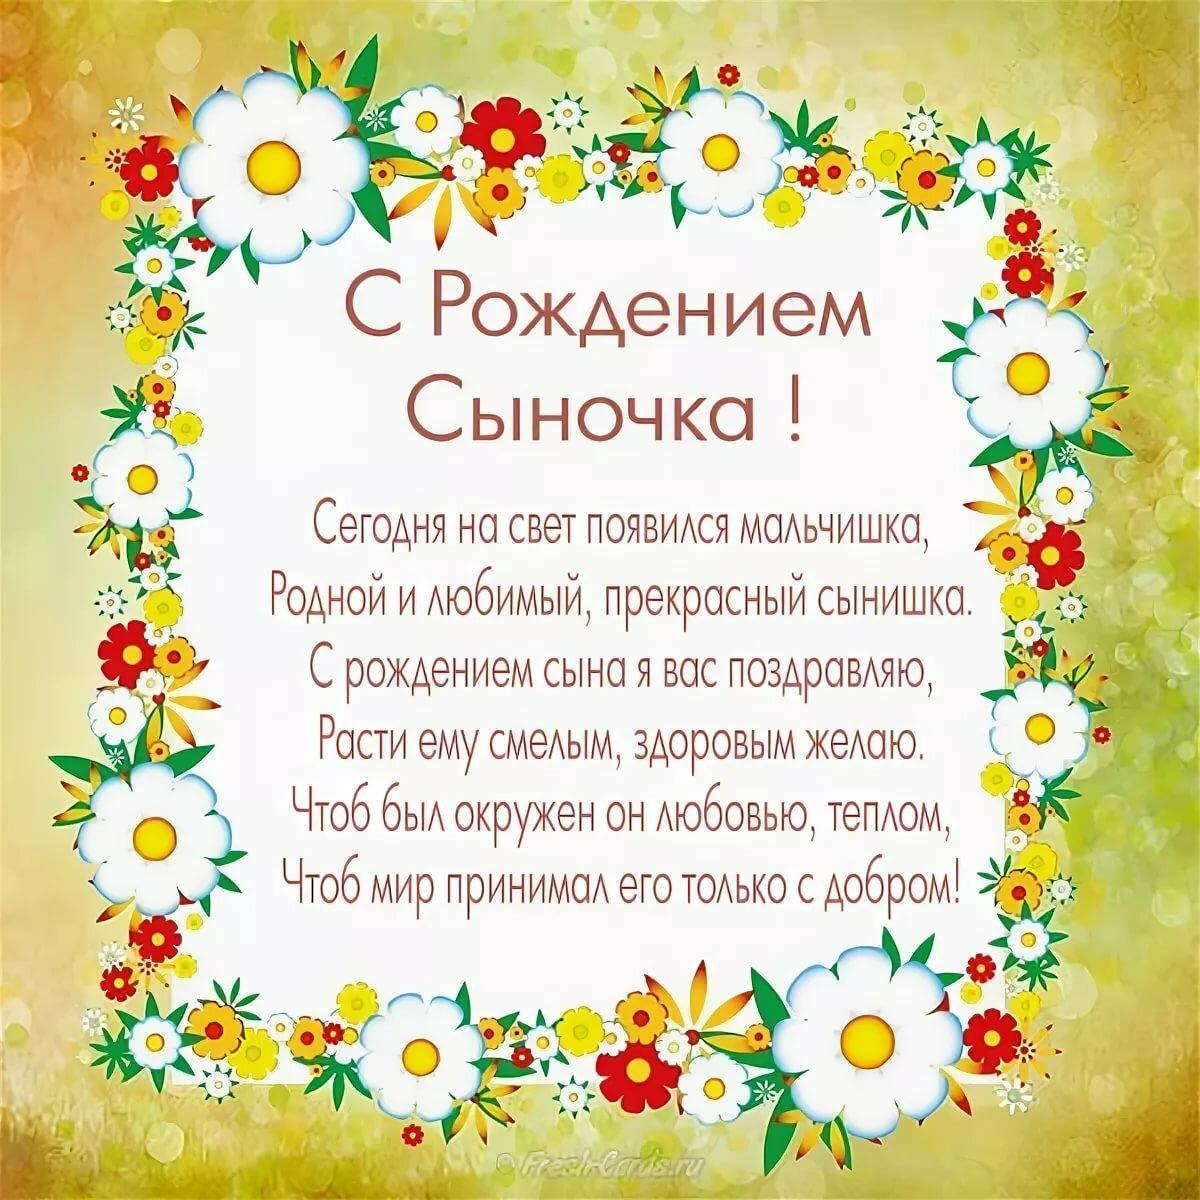 Поздравление для матери подруги